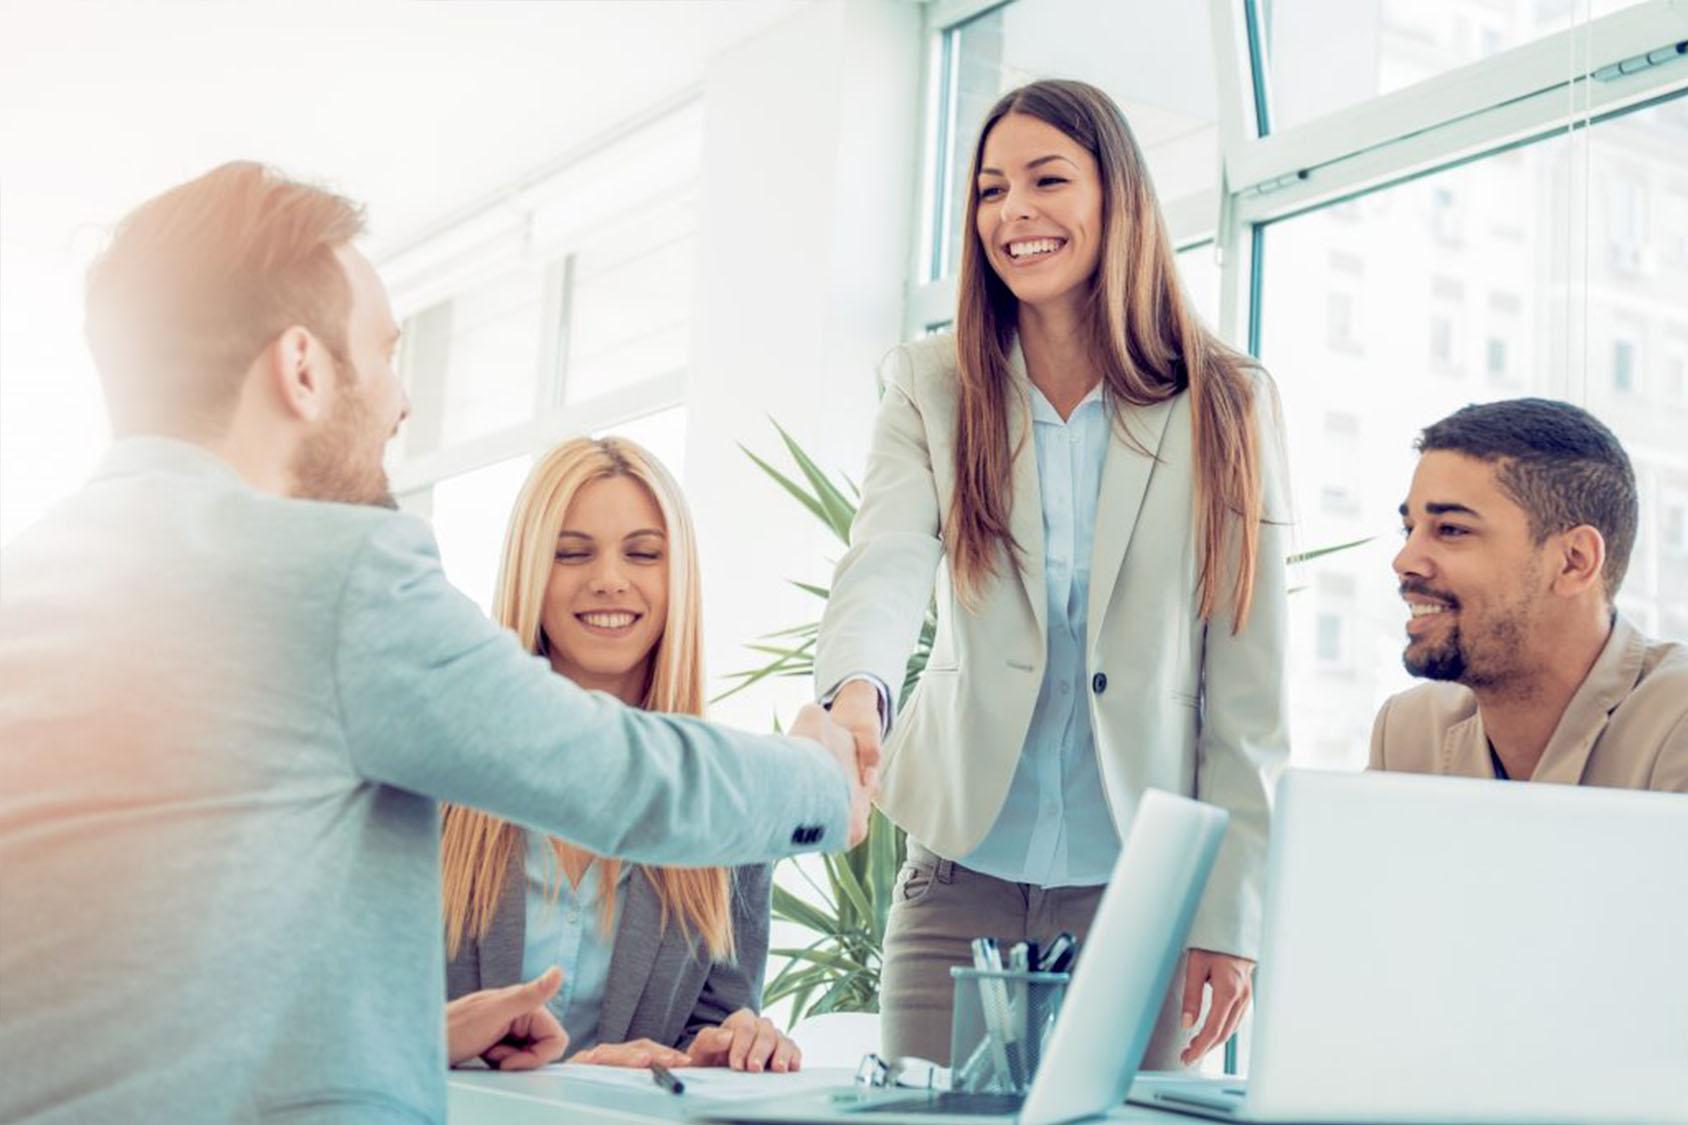 Biuro rachunkowe leasing doradztwo w Warszawie